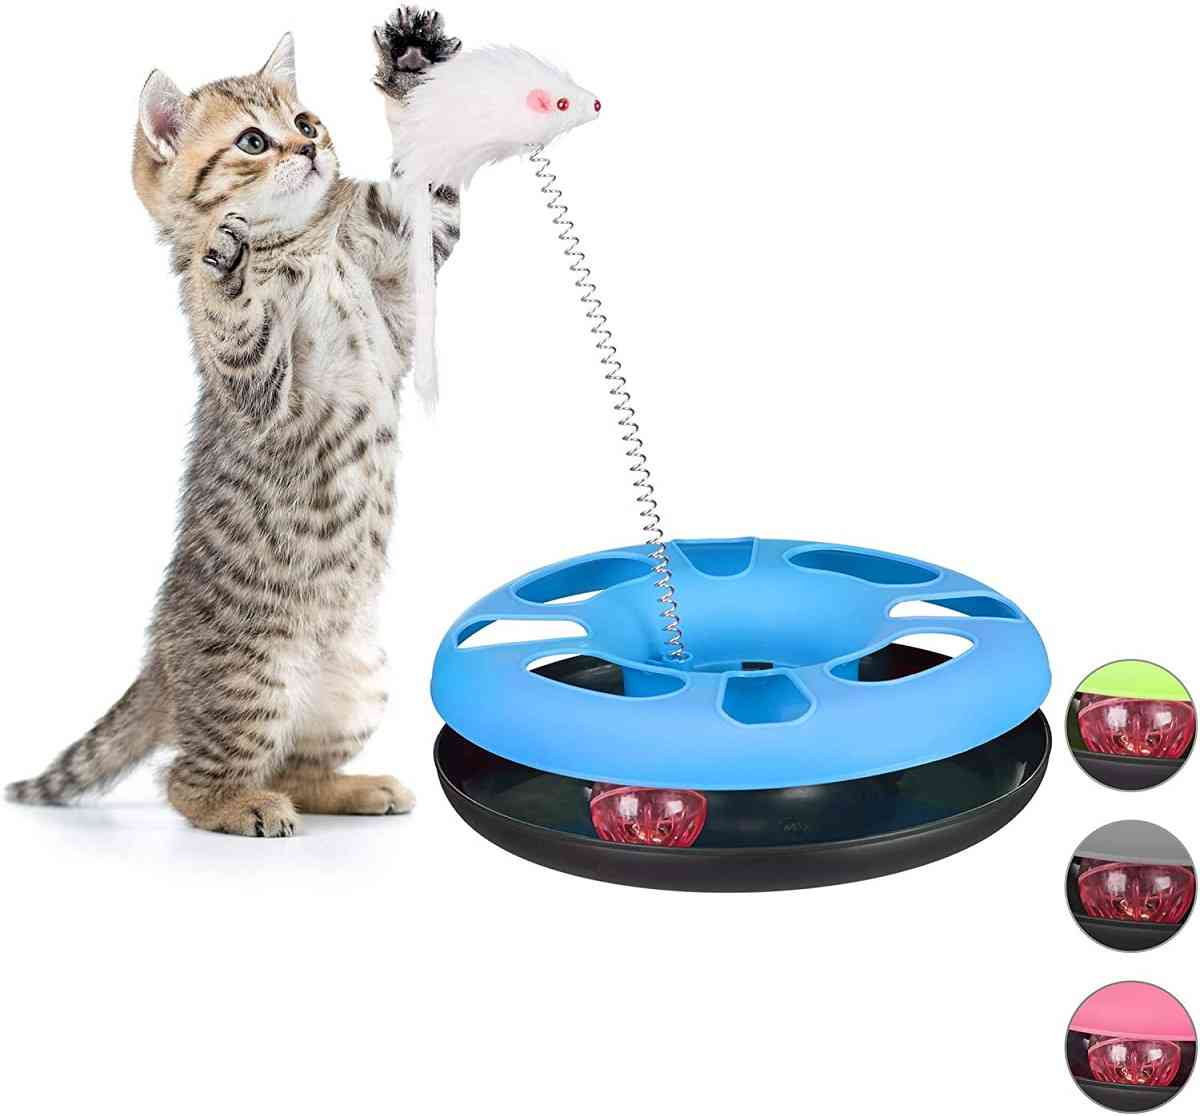 Los mejores juguetes para gatos que puedes comprar o hacer